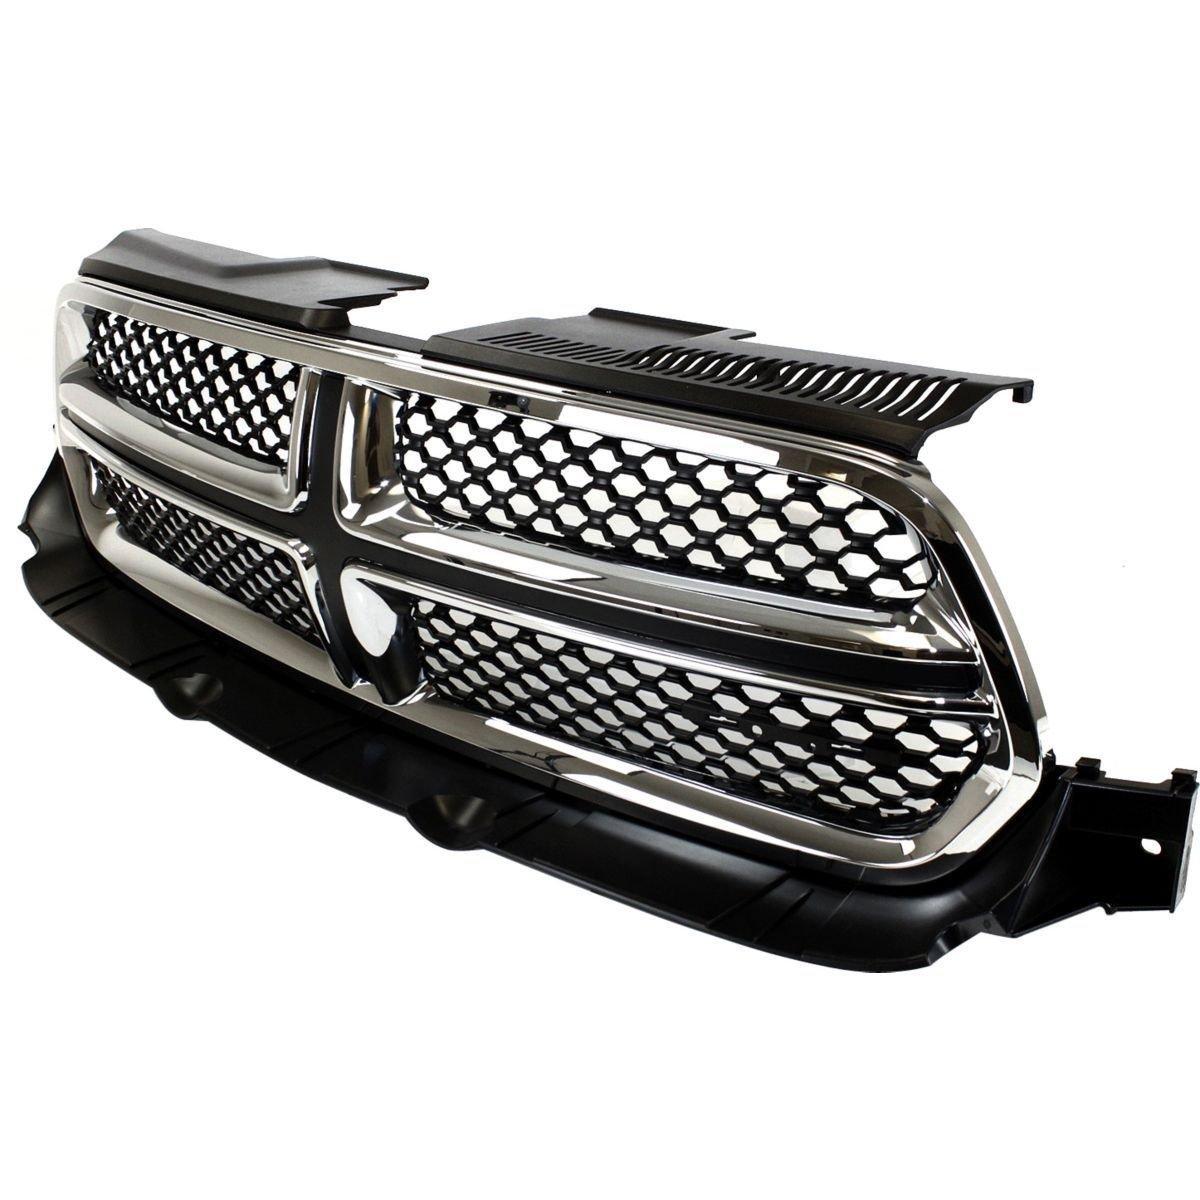 Diften 102-A4166-X01 - New Grille Grill Dodge Durango 2011-2013 CH1200357 55079364AJ